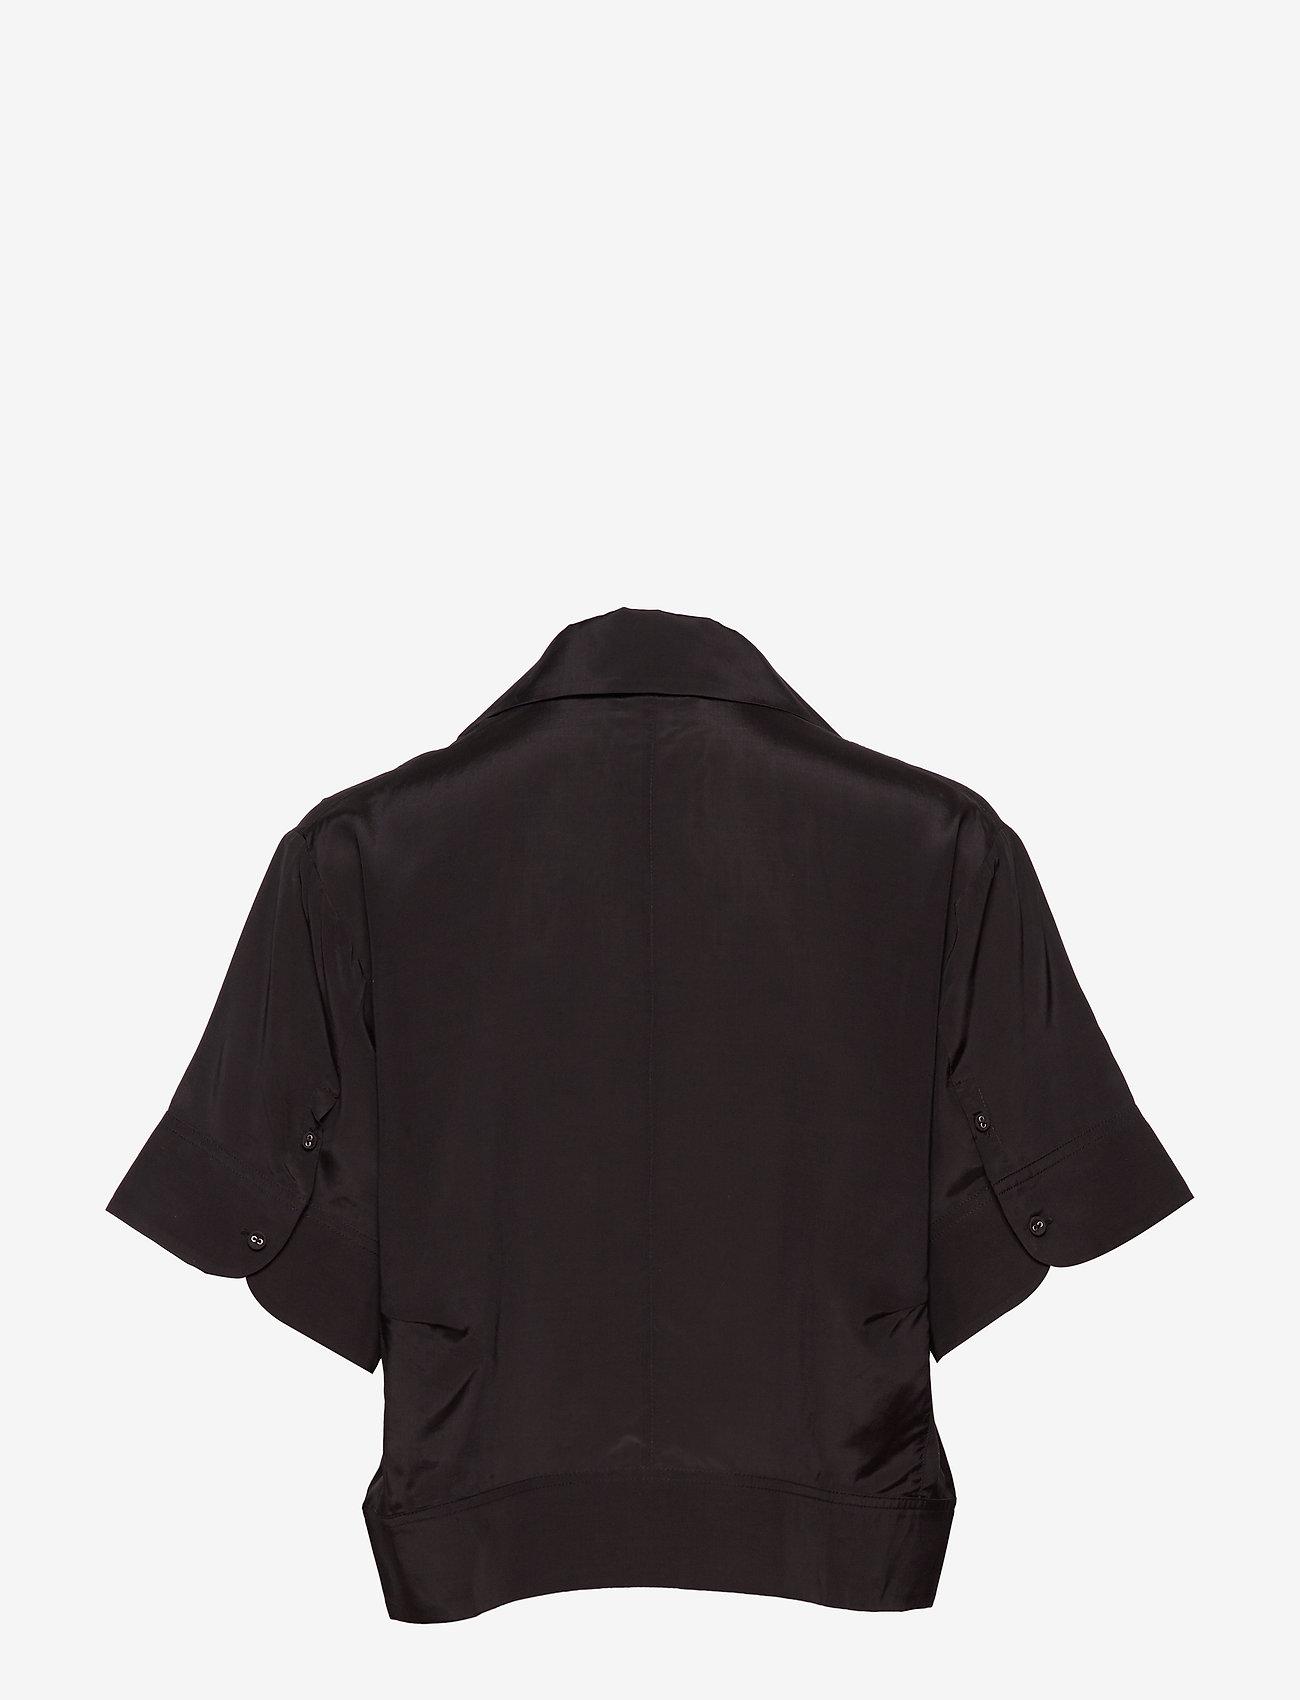 Whyred MACKENZIE - Bluzki & Koszule BLACK - Kobiety Odzież.